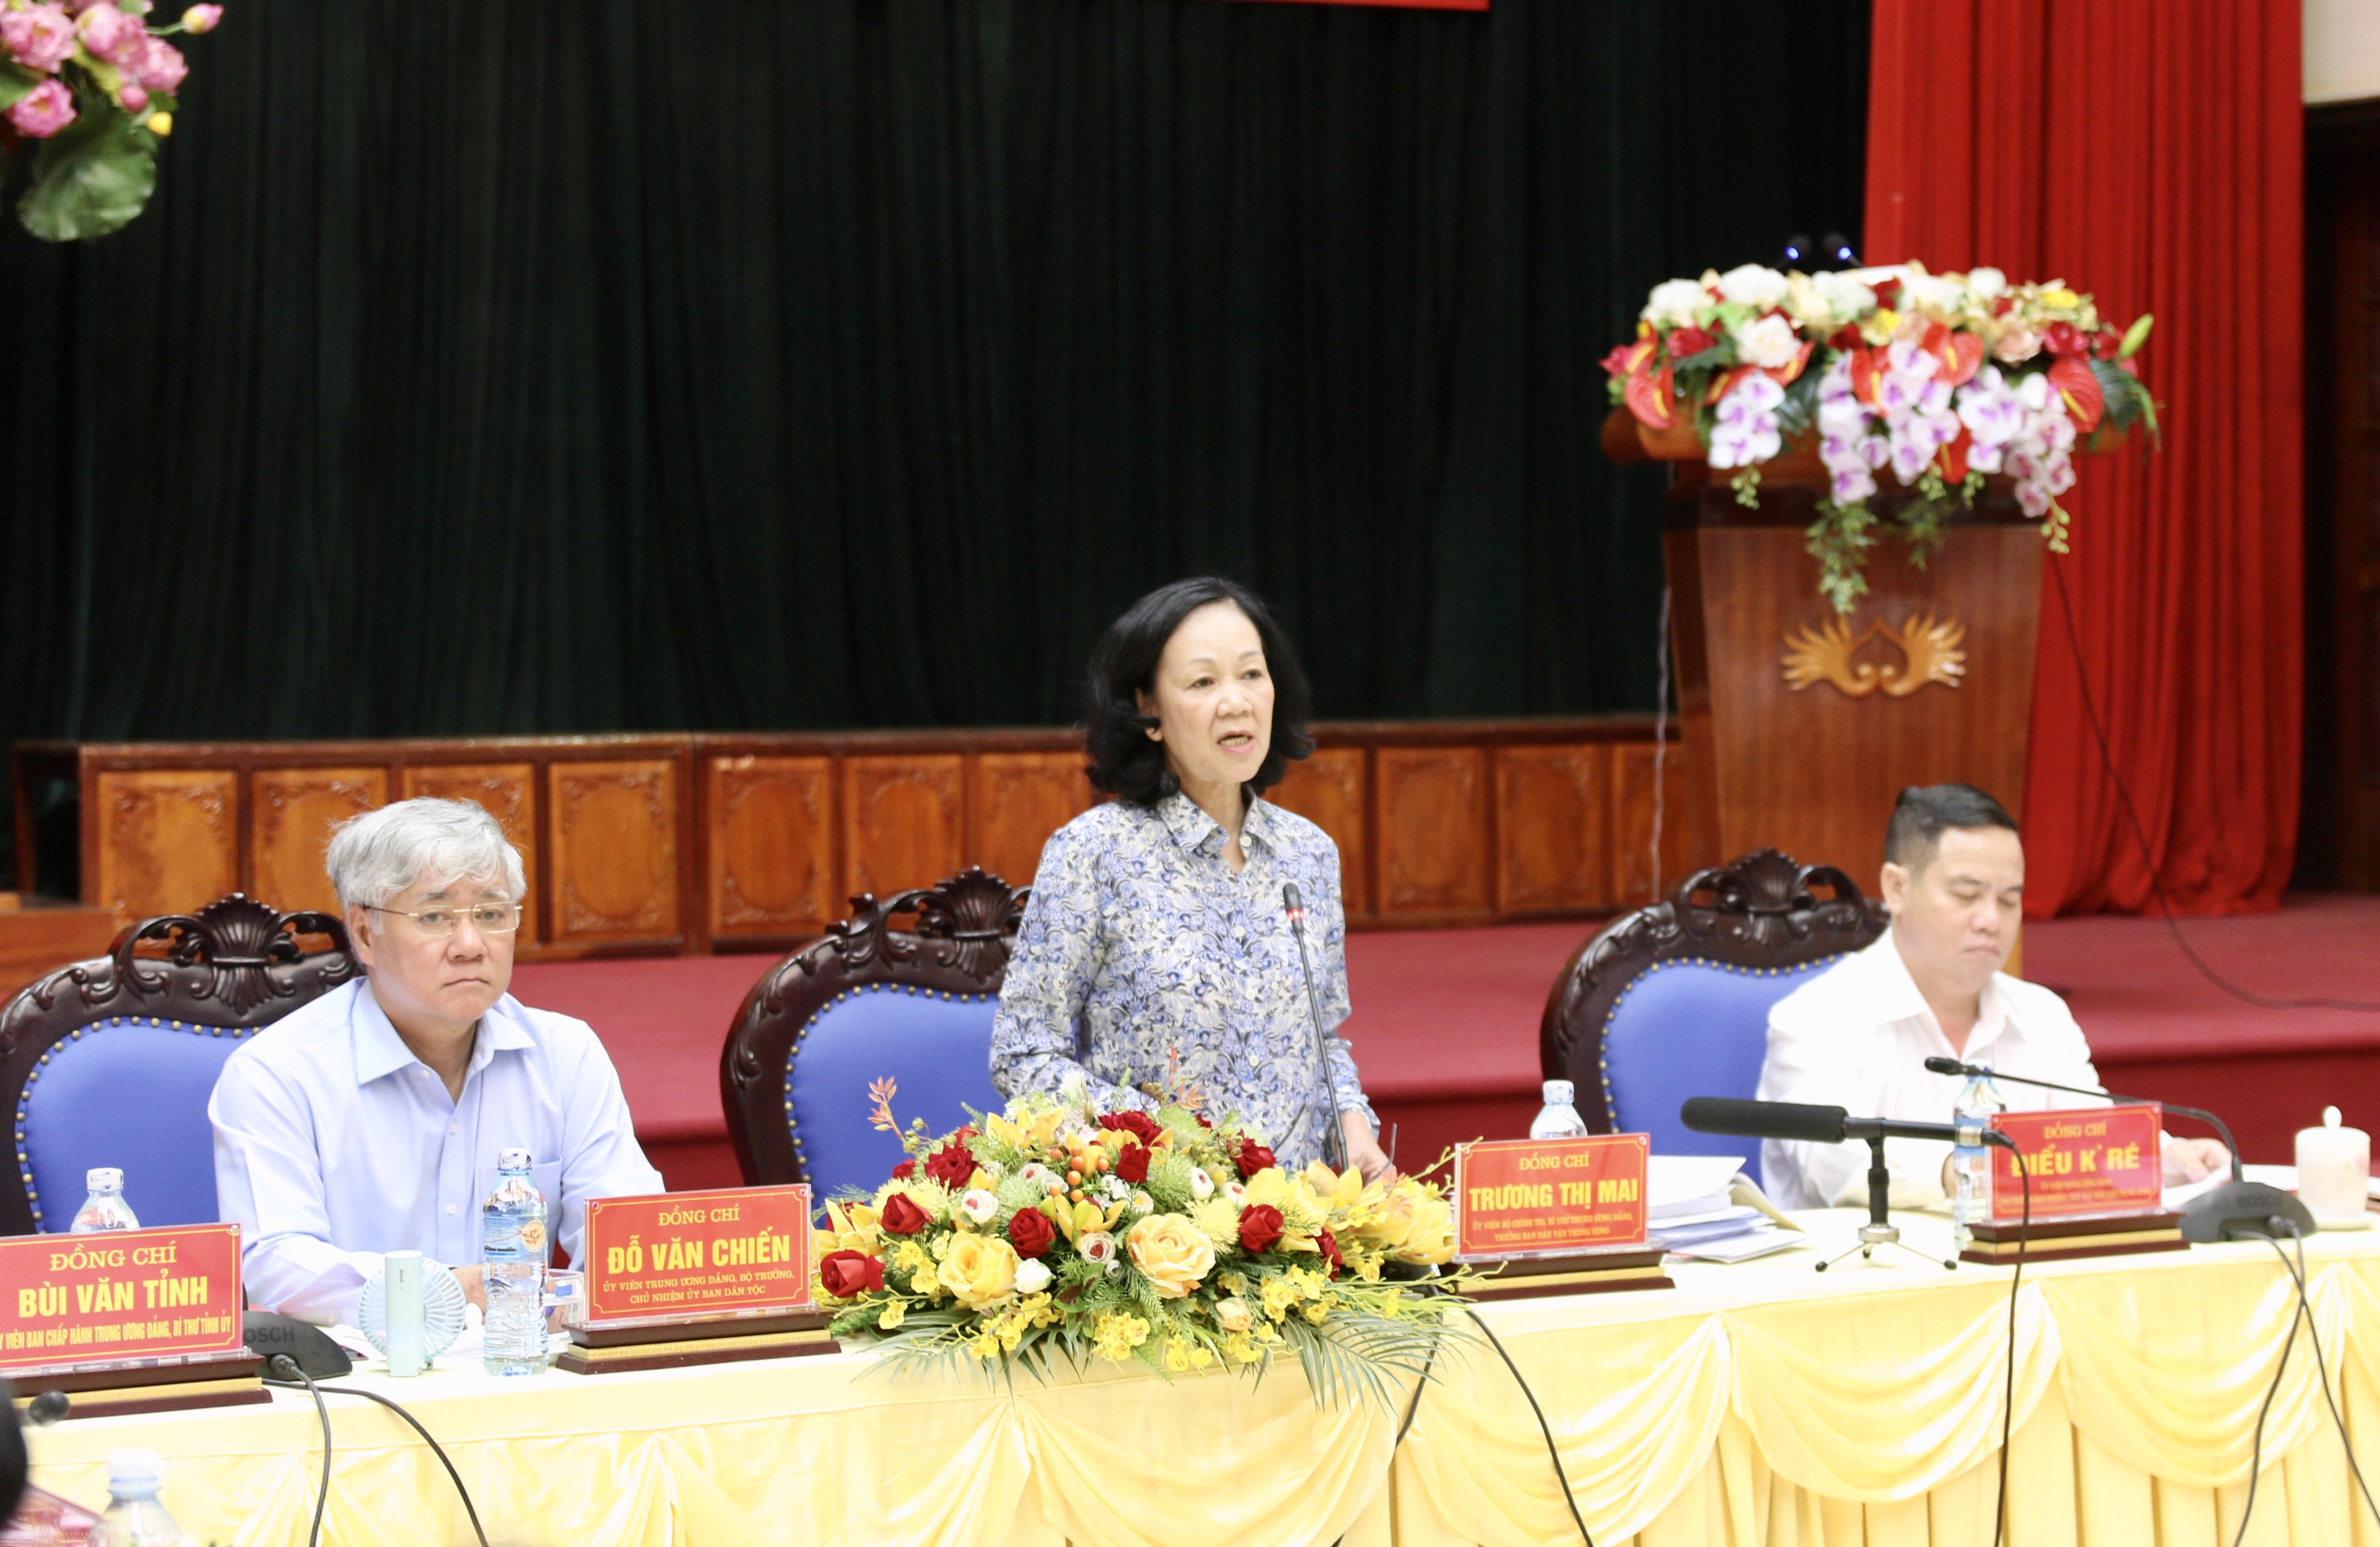 Đồng chí Trương Thị Mai, Ủy viên Bộ Chính trị, Bí thư Trung ương Đảng, Trưởng ban Dân vận Trung ương phát biểu tại Hội nghị.